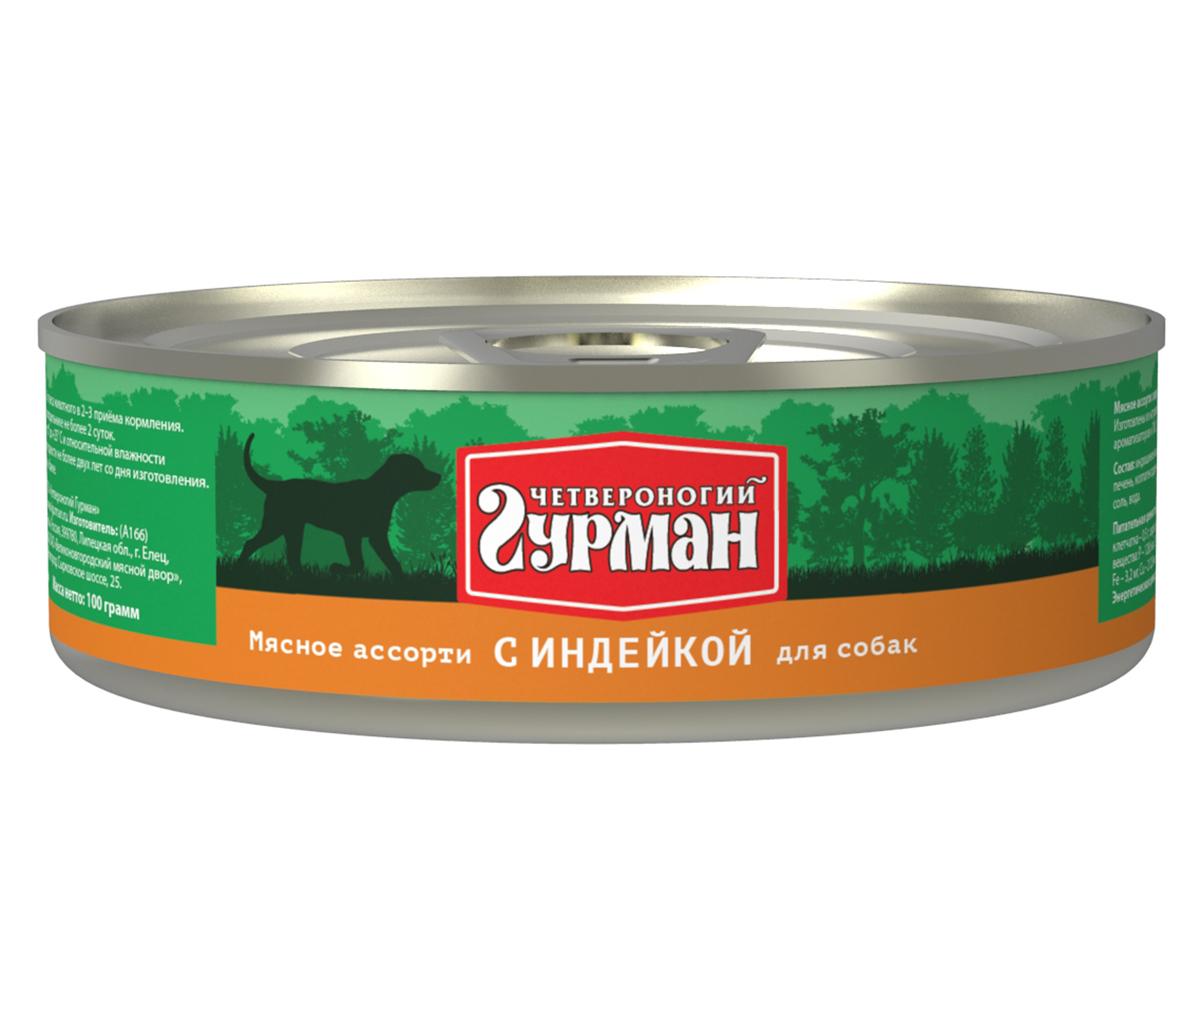 Консервы для собак Четвероногий гурман Мясное ассорти с индейкой, 100 г103101004Мясное ассорти - влажный мясной корм суперпремиум класса, состоящий из разных сортов мяса и качественных субпродуктов. Ведущая линейка торговой марки Четвероногий гурман. По консистенции продукт представляет собой кусочки из фарша размером 3-15 мм. В состав входит коллаген. Его компоненты (хондроитин и глюкозамин) положительно воздействуют на суставы питомца. Корм не содержит злаков и овощей. Состав: индюшиное мясо (20%), сердце (16%), куриное мясо, легкое, рубец, печень, коллагенсодержащее сырьё, животный белок, масло растительное, соль, вода. Вес: 100 г.